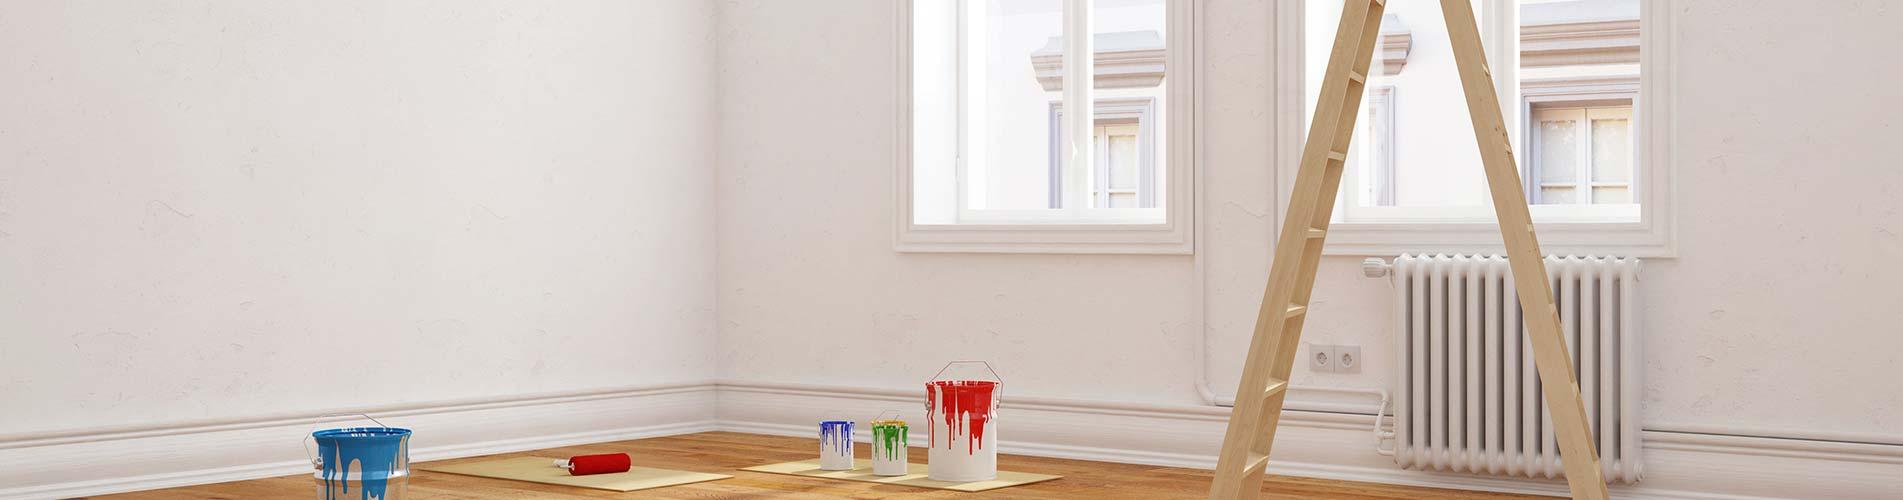 Leeres Zimmer mit Farbeimern